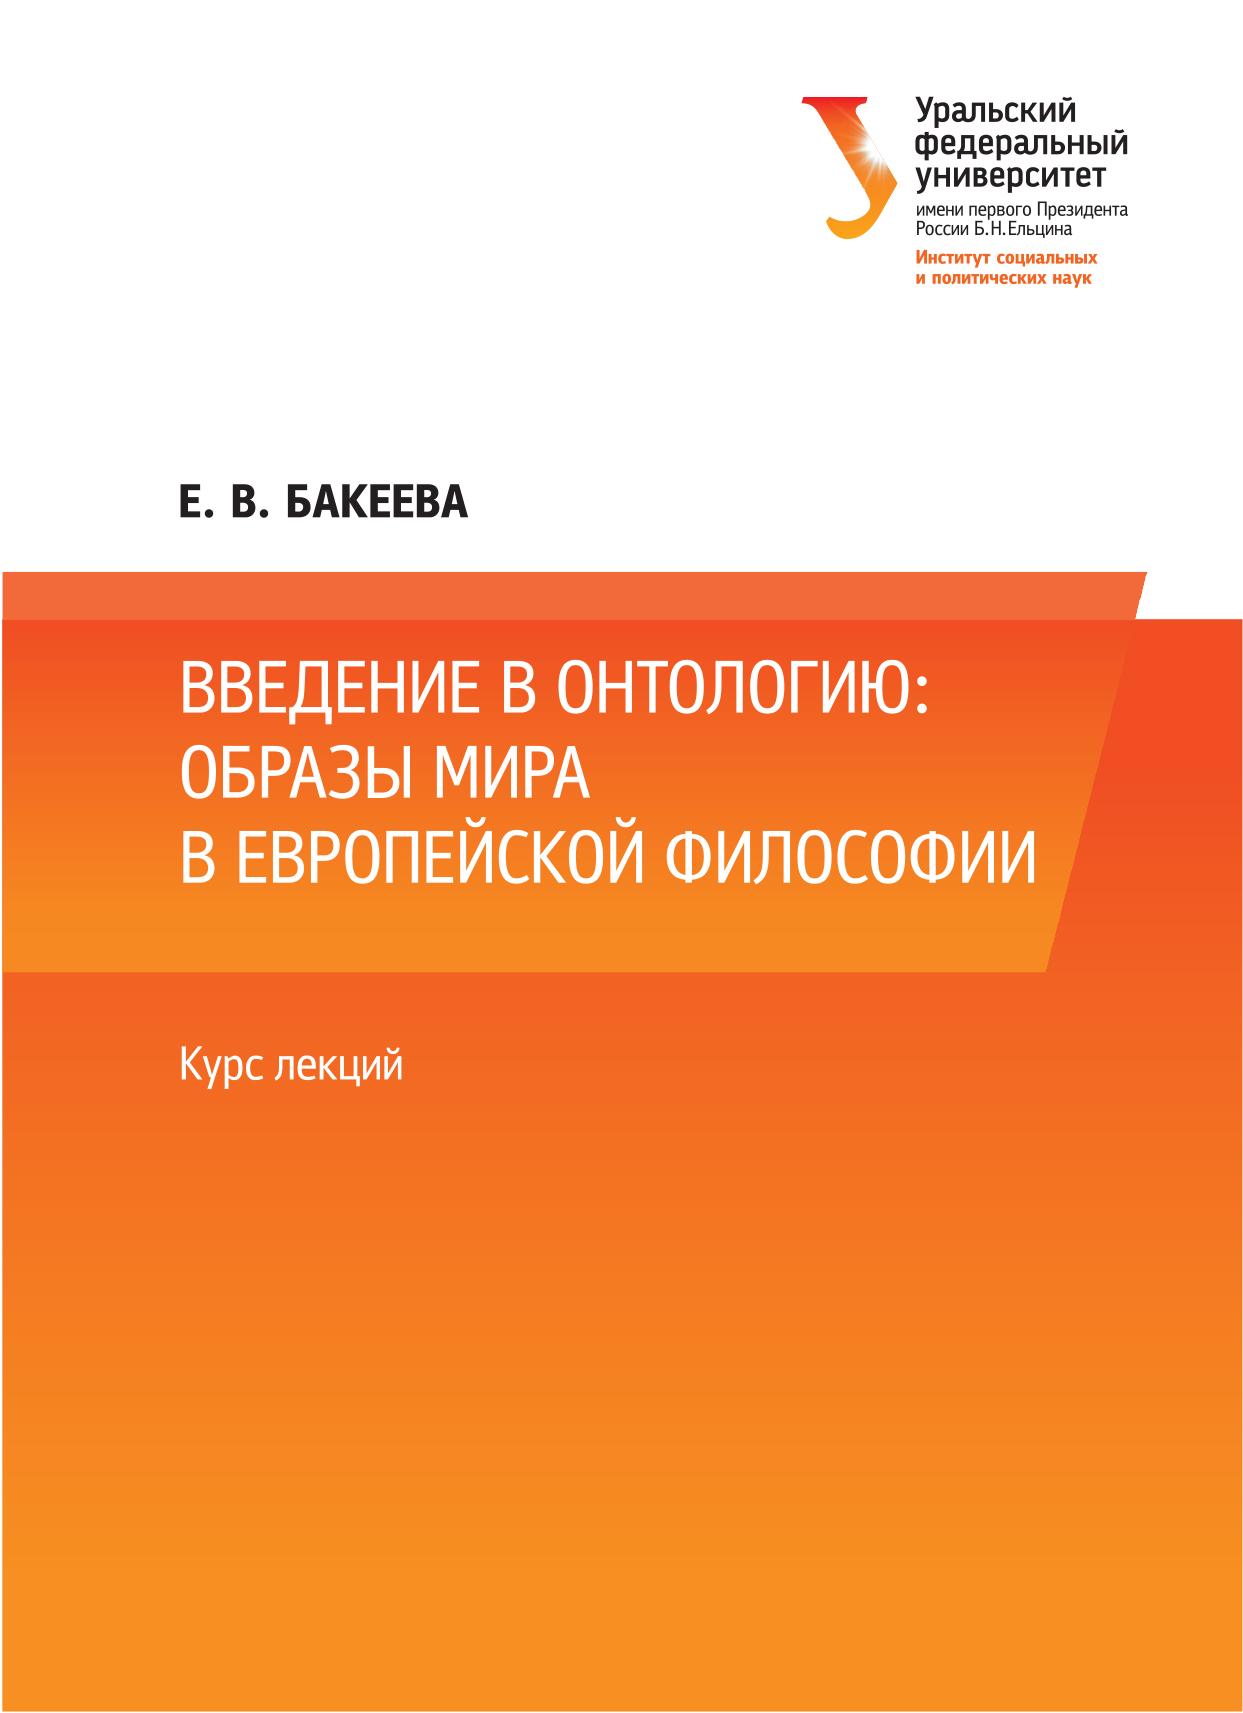 Е. Бакеева Введение в онтологию: образы мира в европейской философии